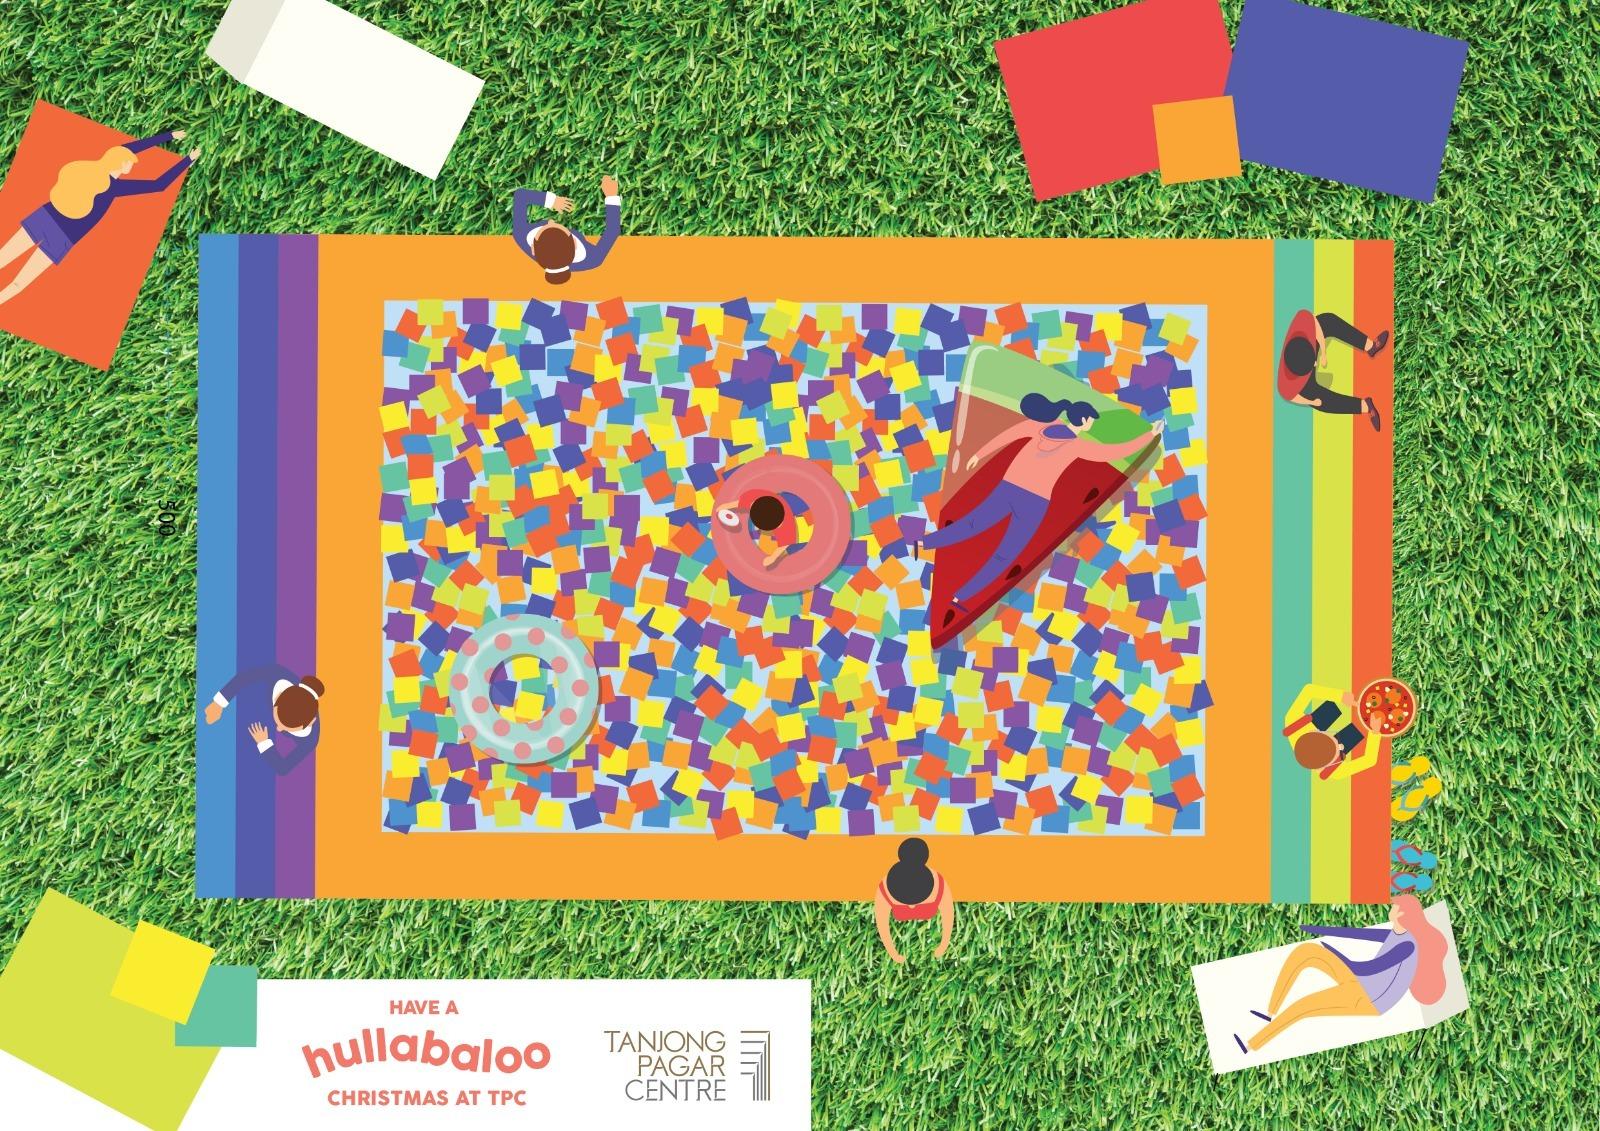 Hullabaloo Christmas at Tanjong Pagar Centre